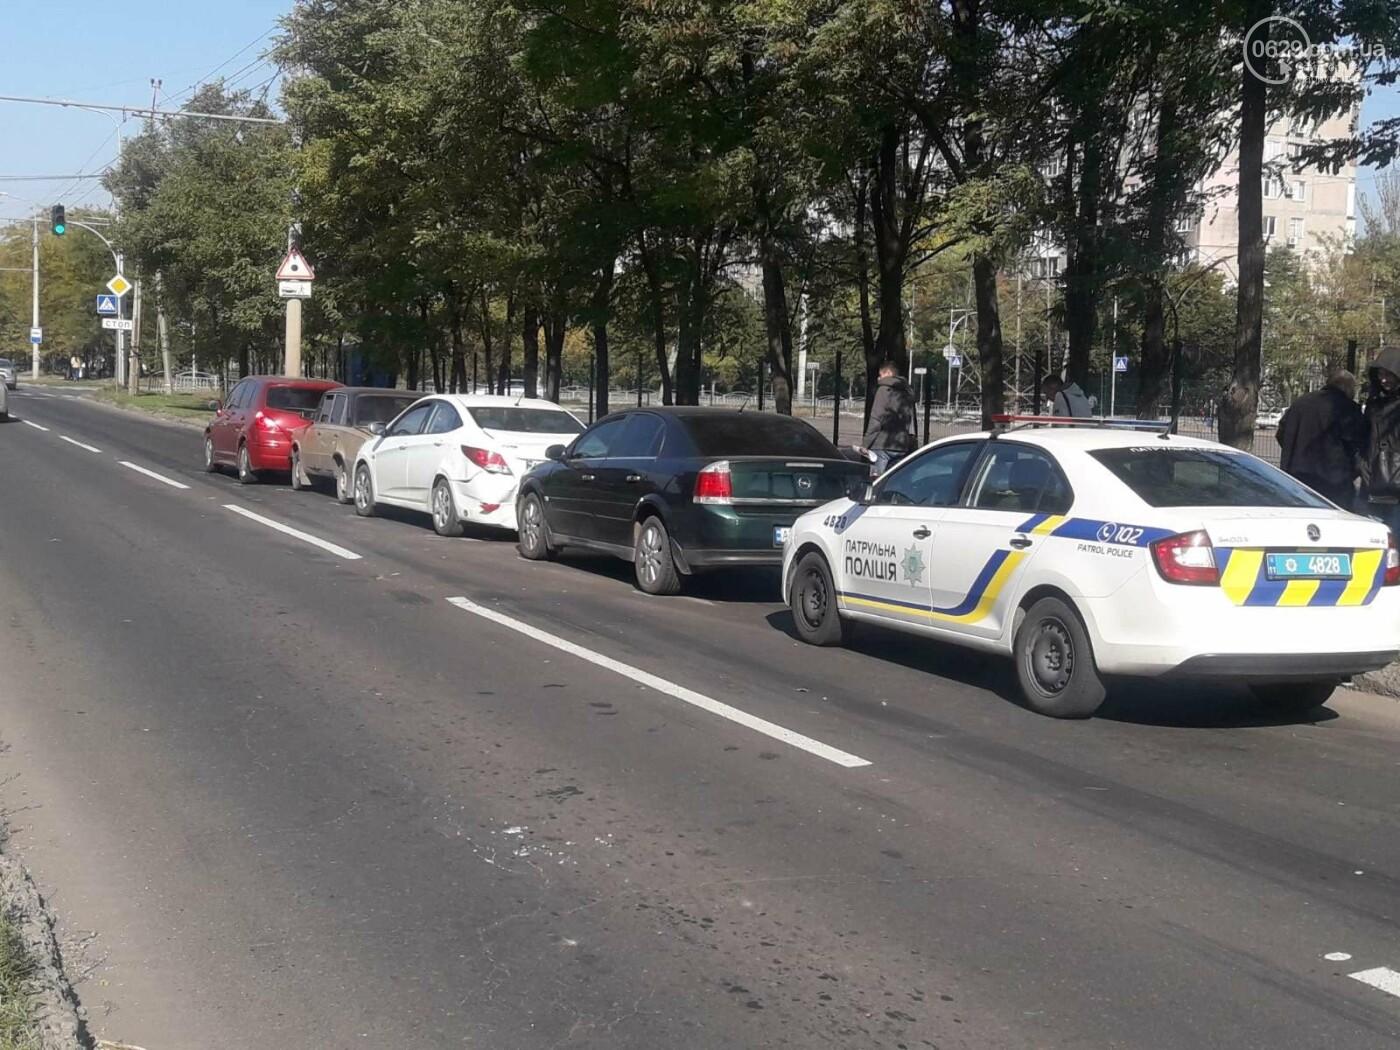 В Мариуполе столкнулись сразу четыре автомобиля, - ФОТО, фото-3